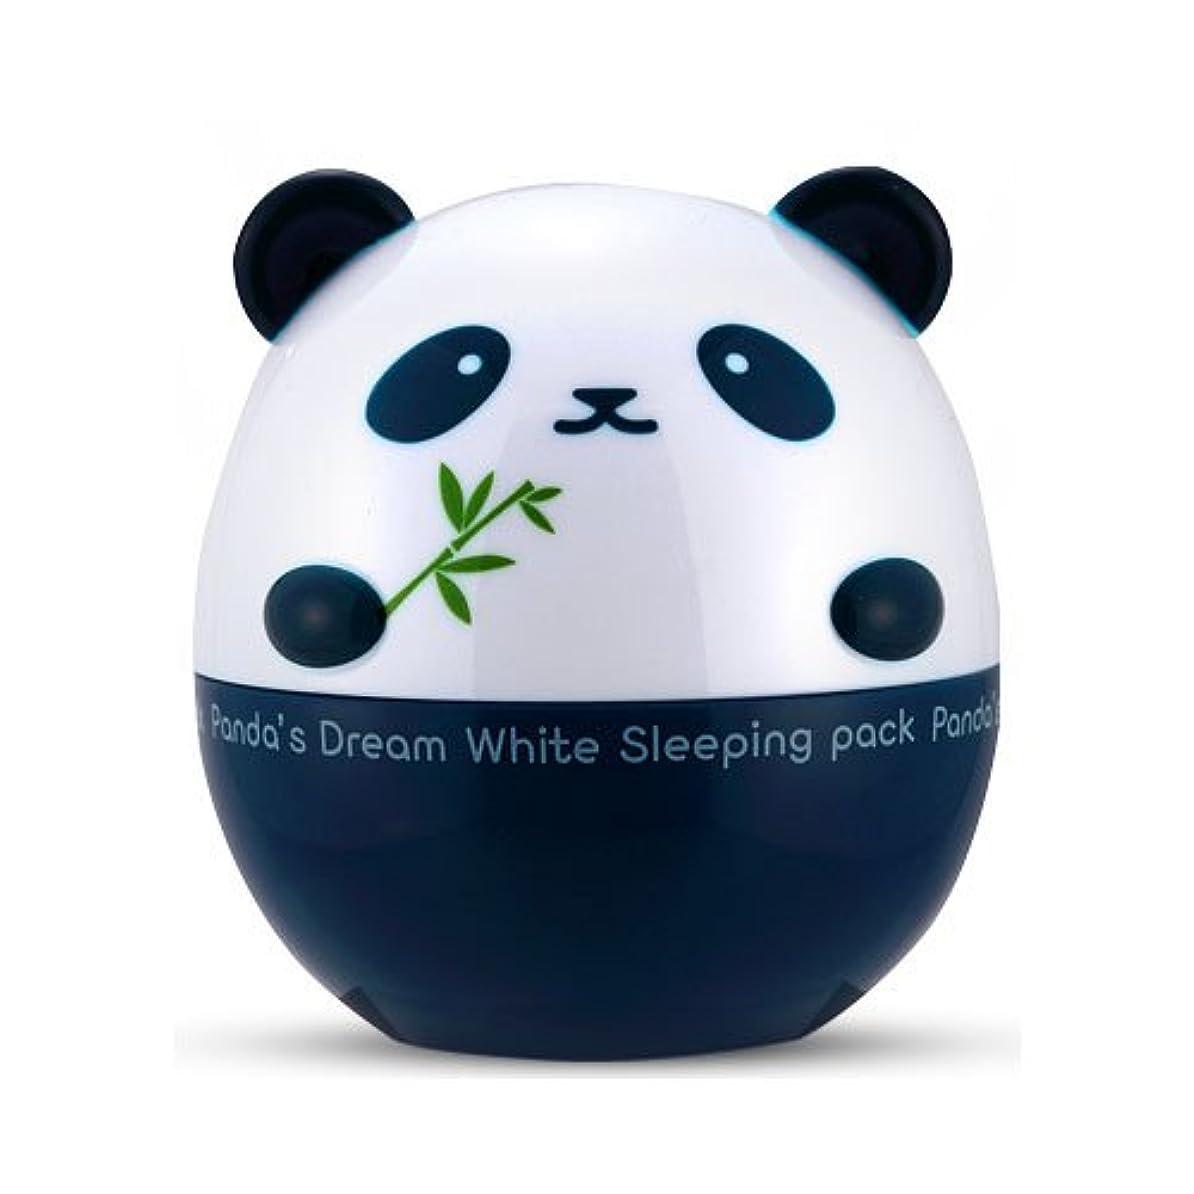 ズボン動物洞窟トニーモリー [韓国コスメ TONY MOLY] パンダの夢 ホワイト スリーピング パック [海外直送品][並行輸入品]